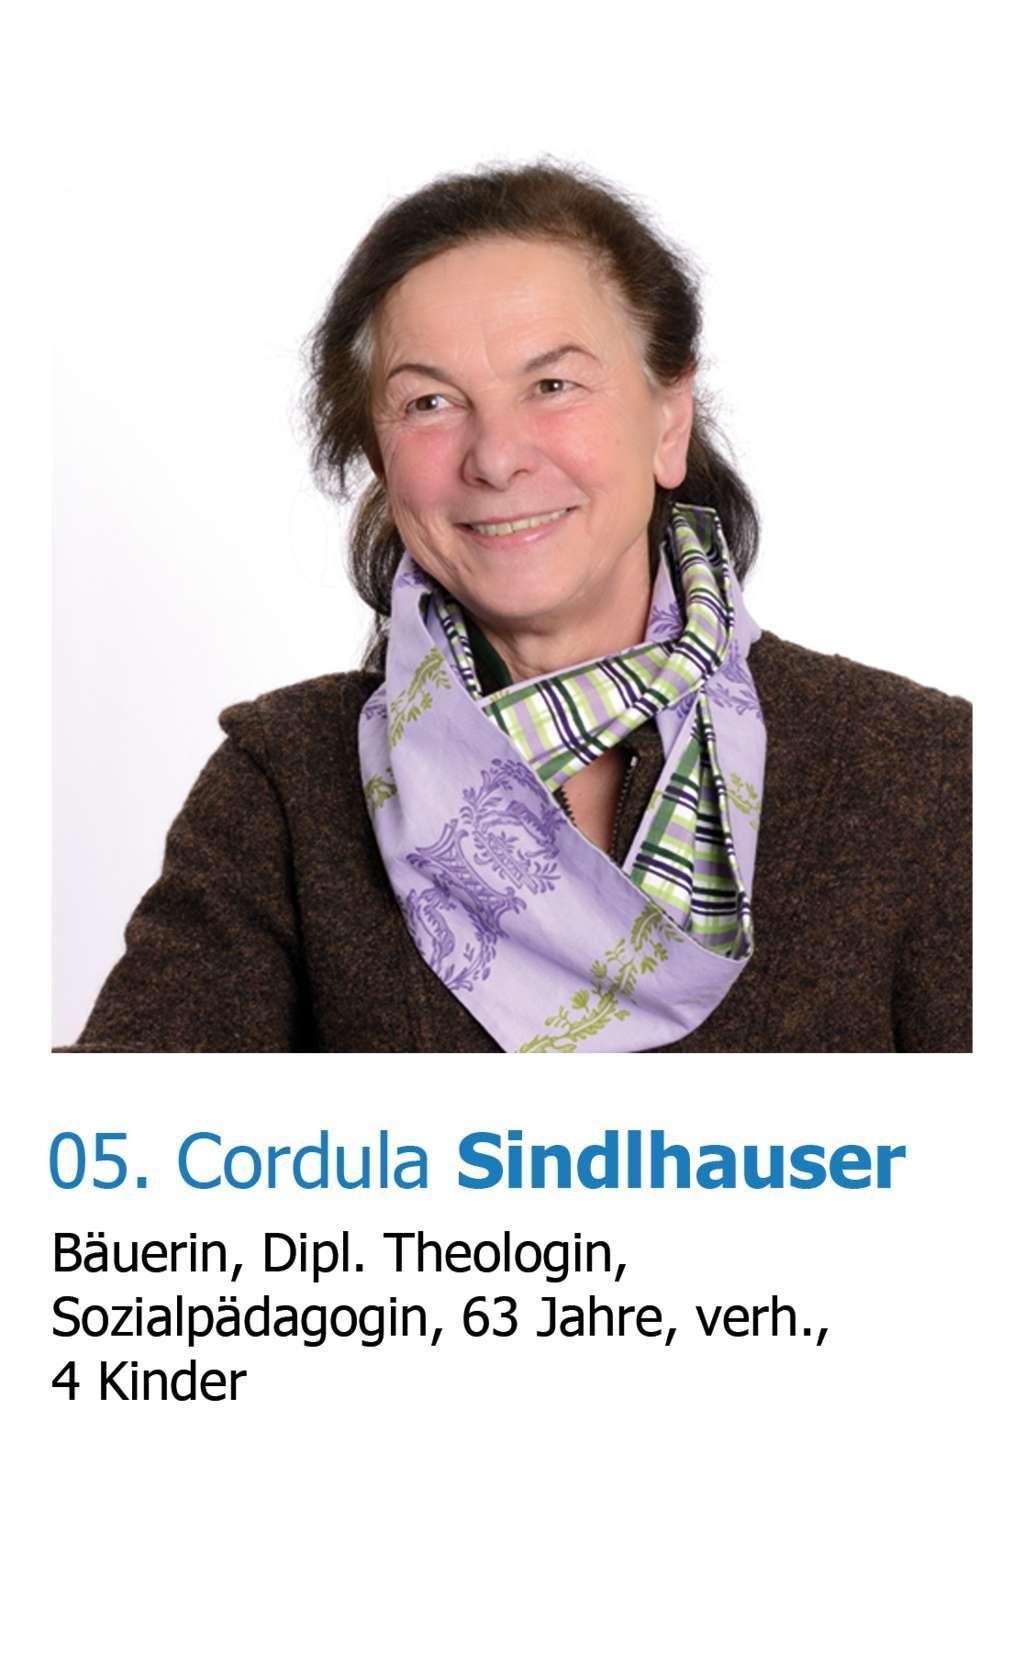 Cordula Sindlhauser